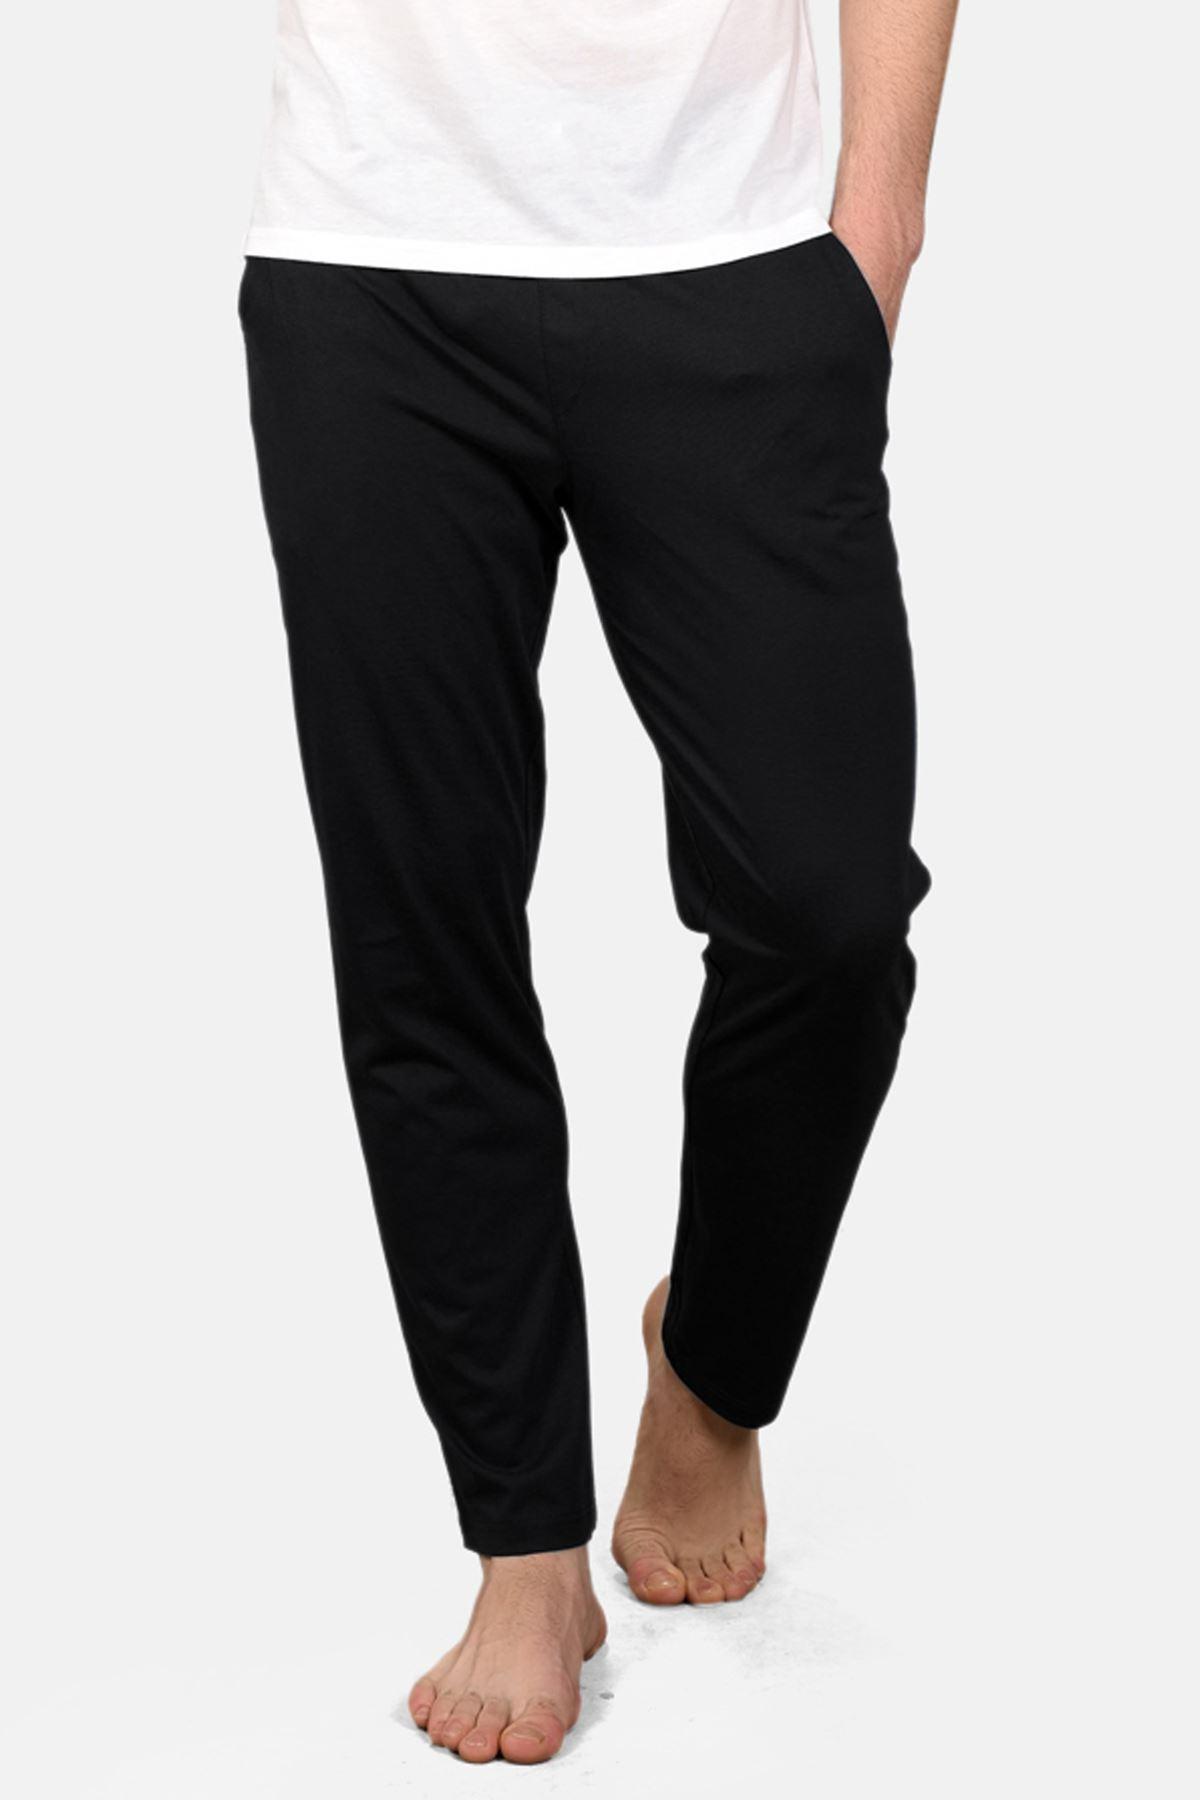 Malabadi Erkek Siyah Alt Beyaz Üst V Yaka Yazlık Pijama Takımı M563